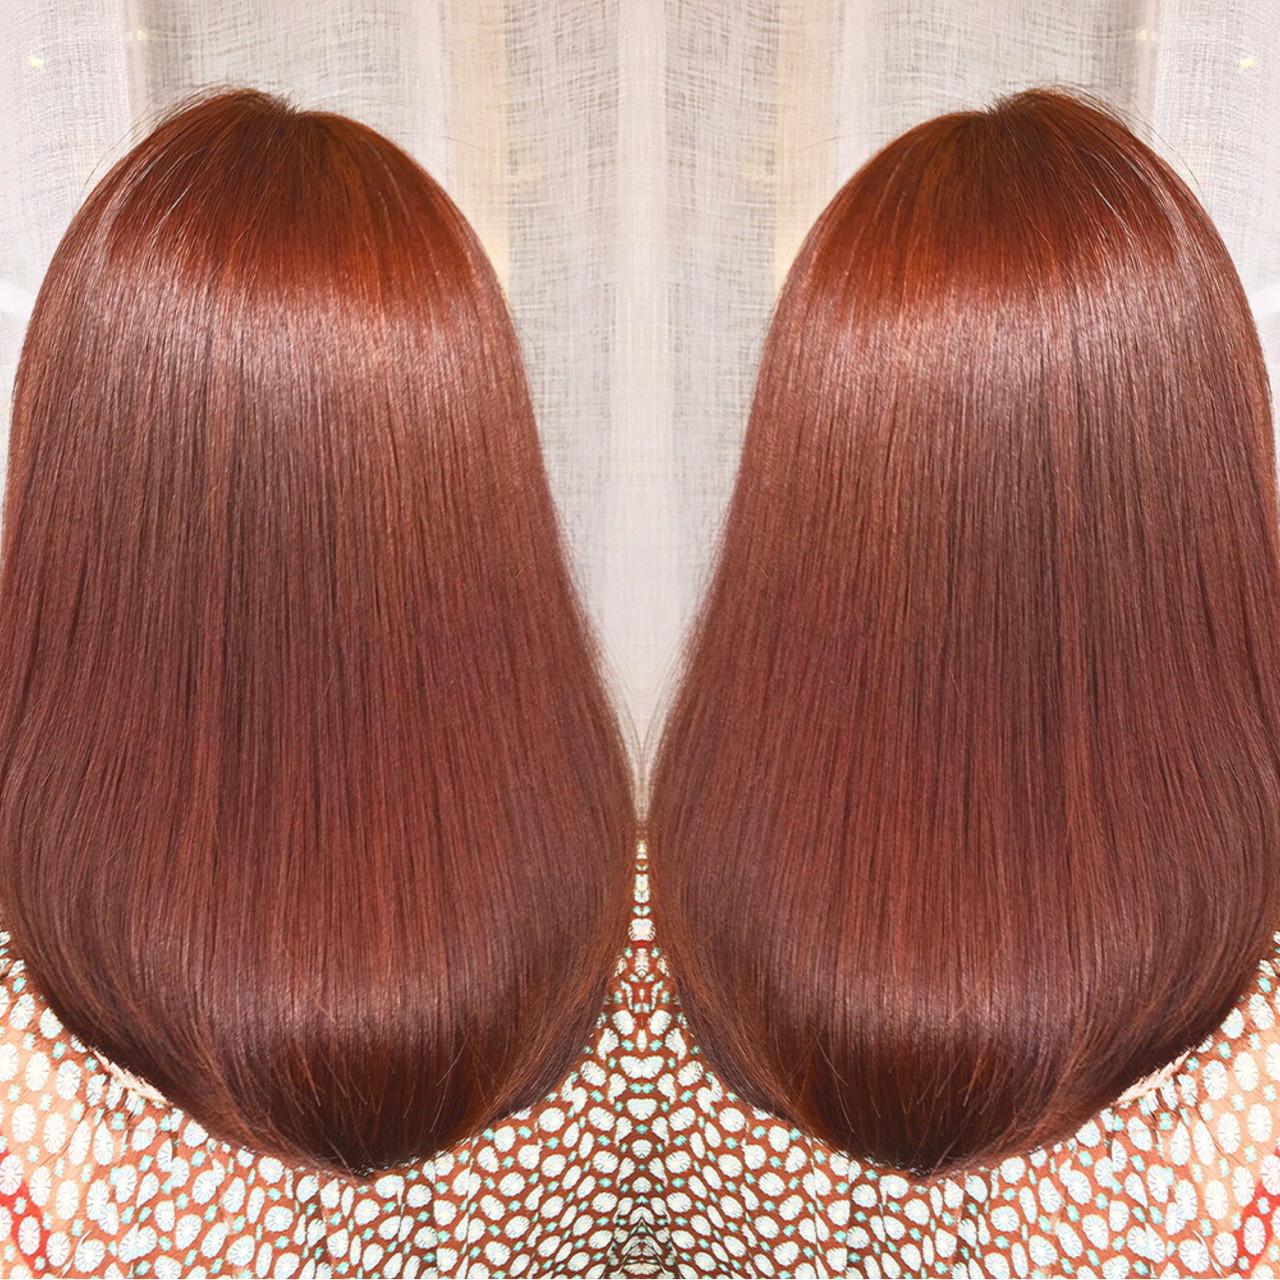 アウトドア スポーツ 冬 セミロング ヘアスタイルや髪型の写真・画像 | 筒井 隆由 / Hair salon mode